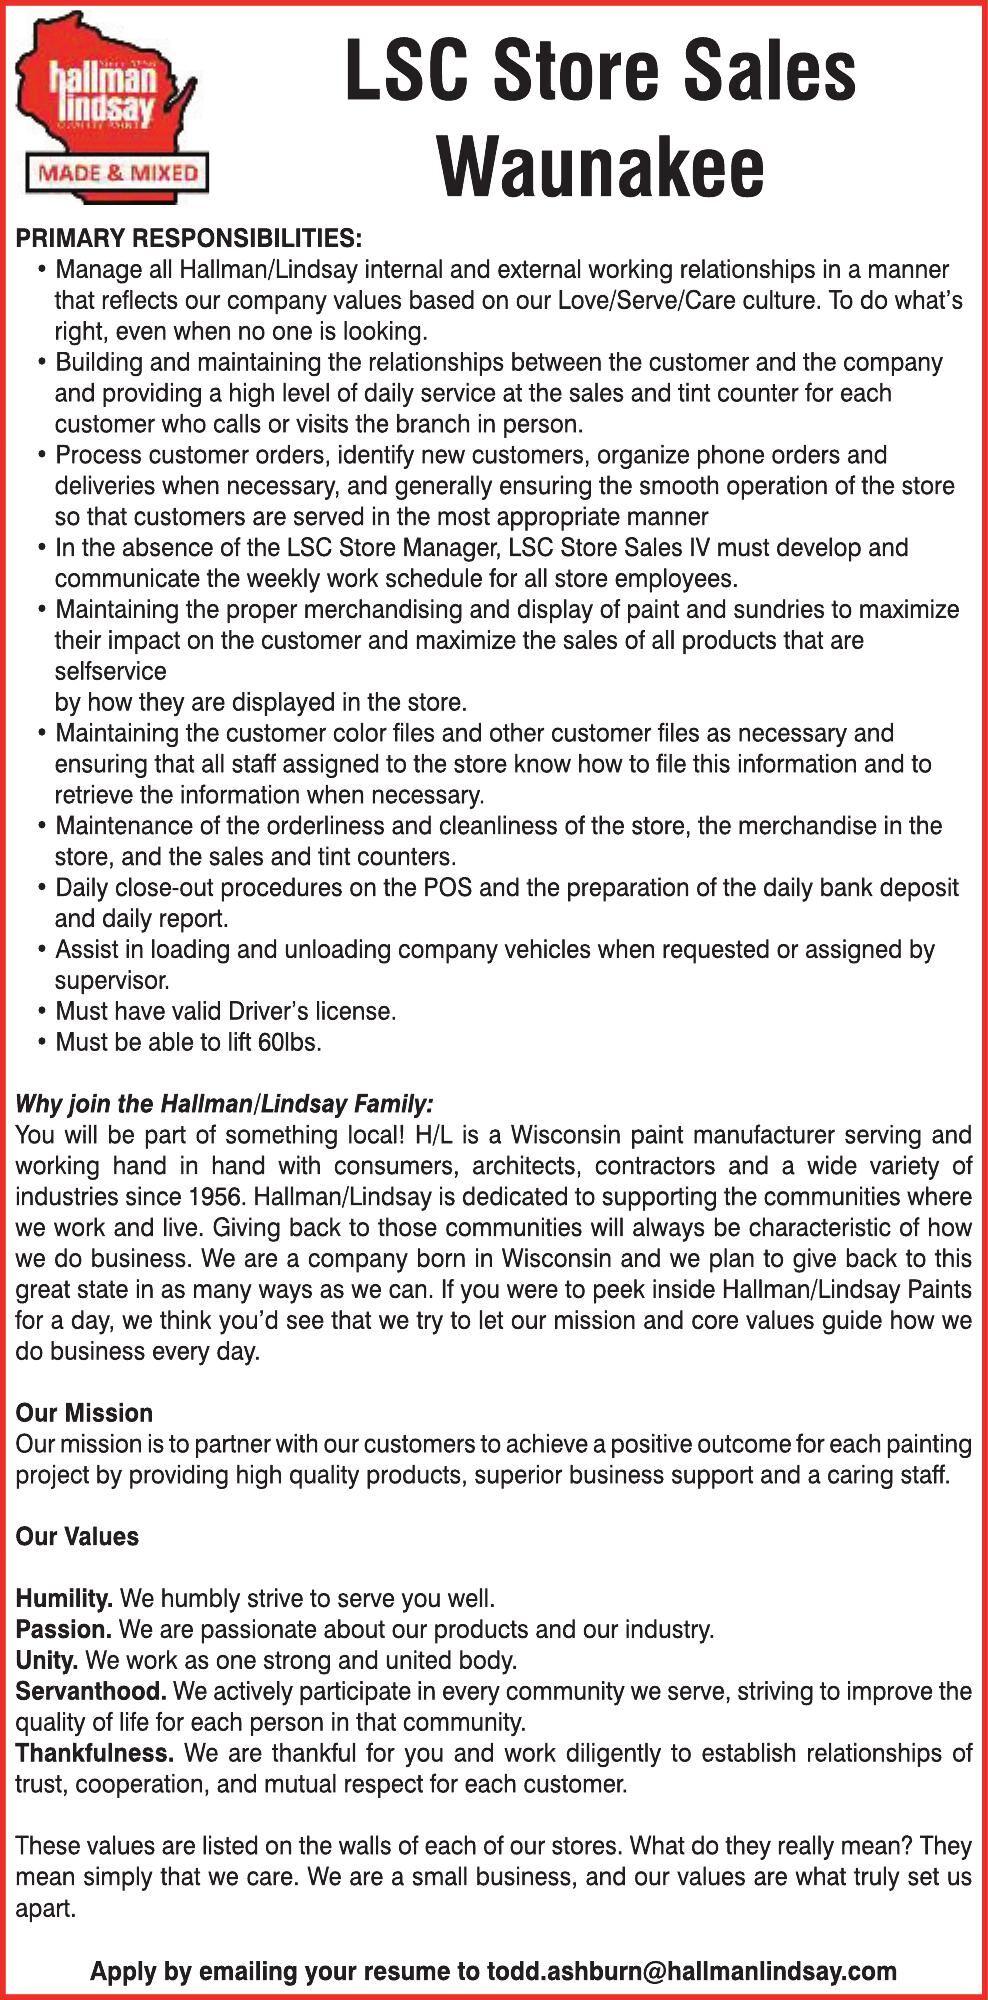 LSC Store Sales Waunkaee